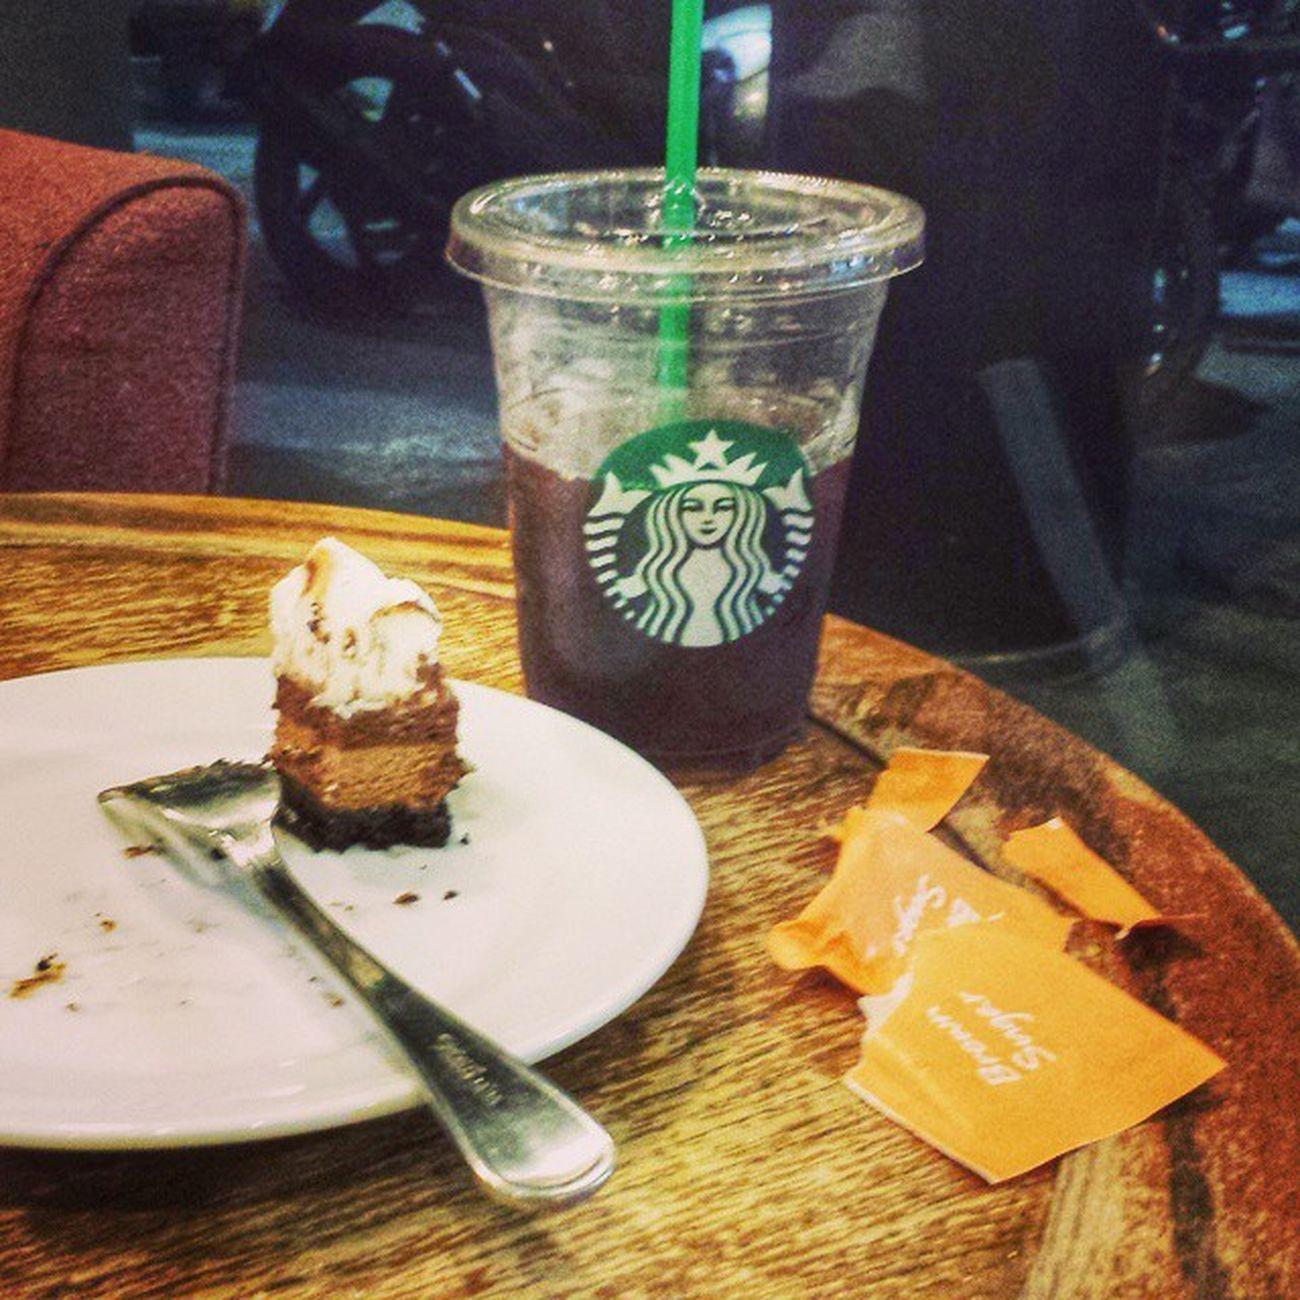 Kape tayo Starbucks Laspinas